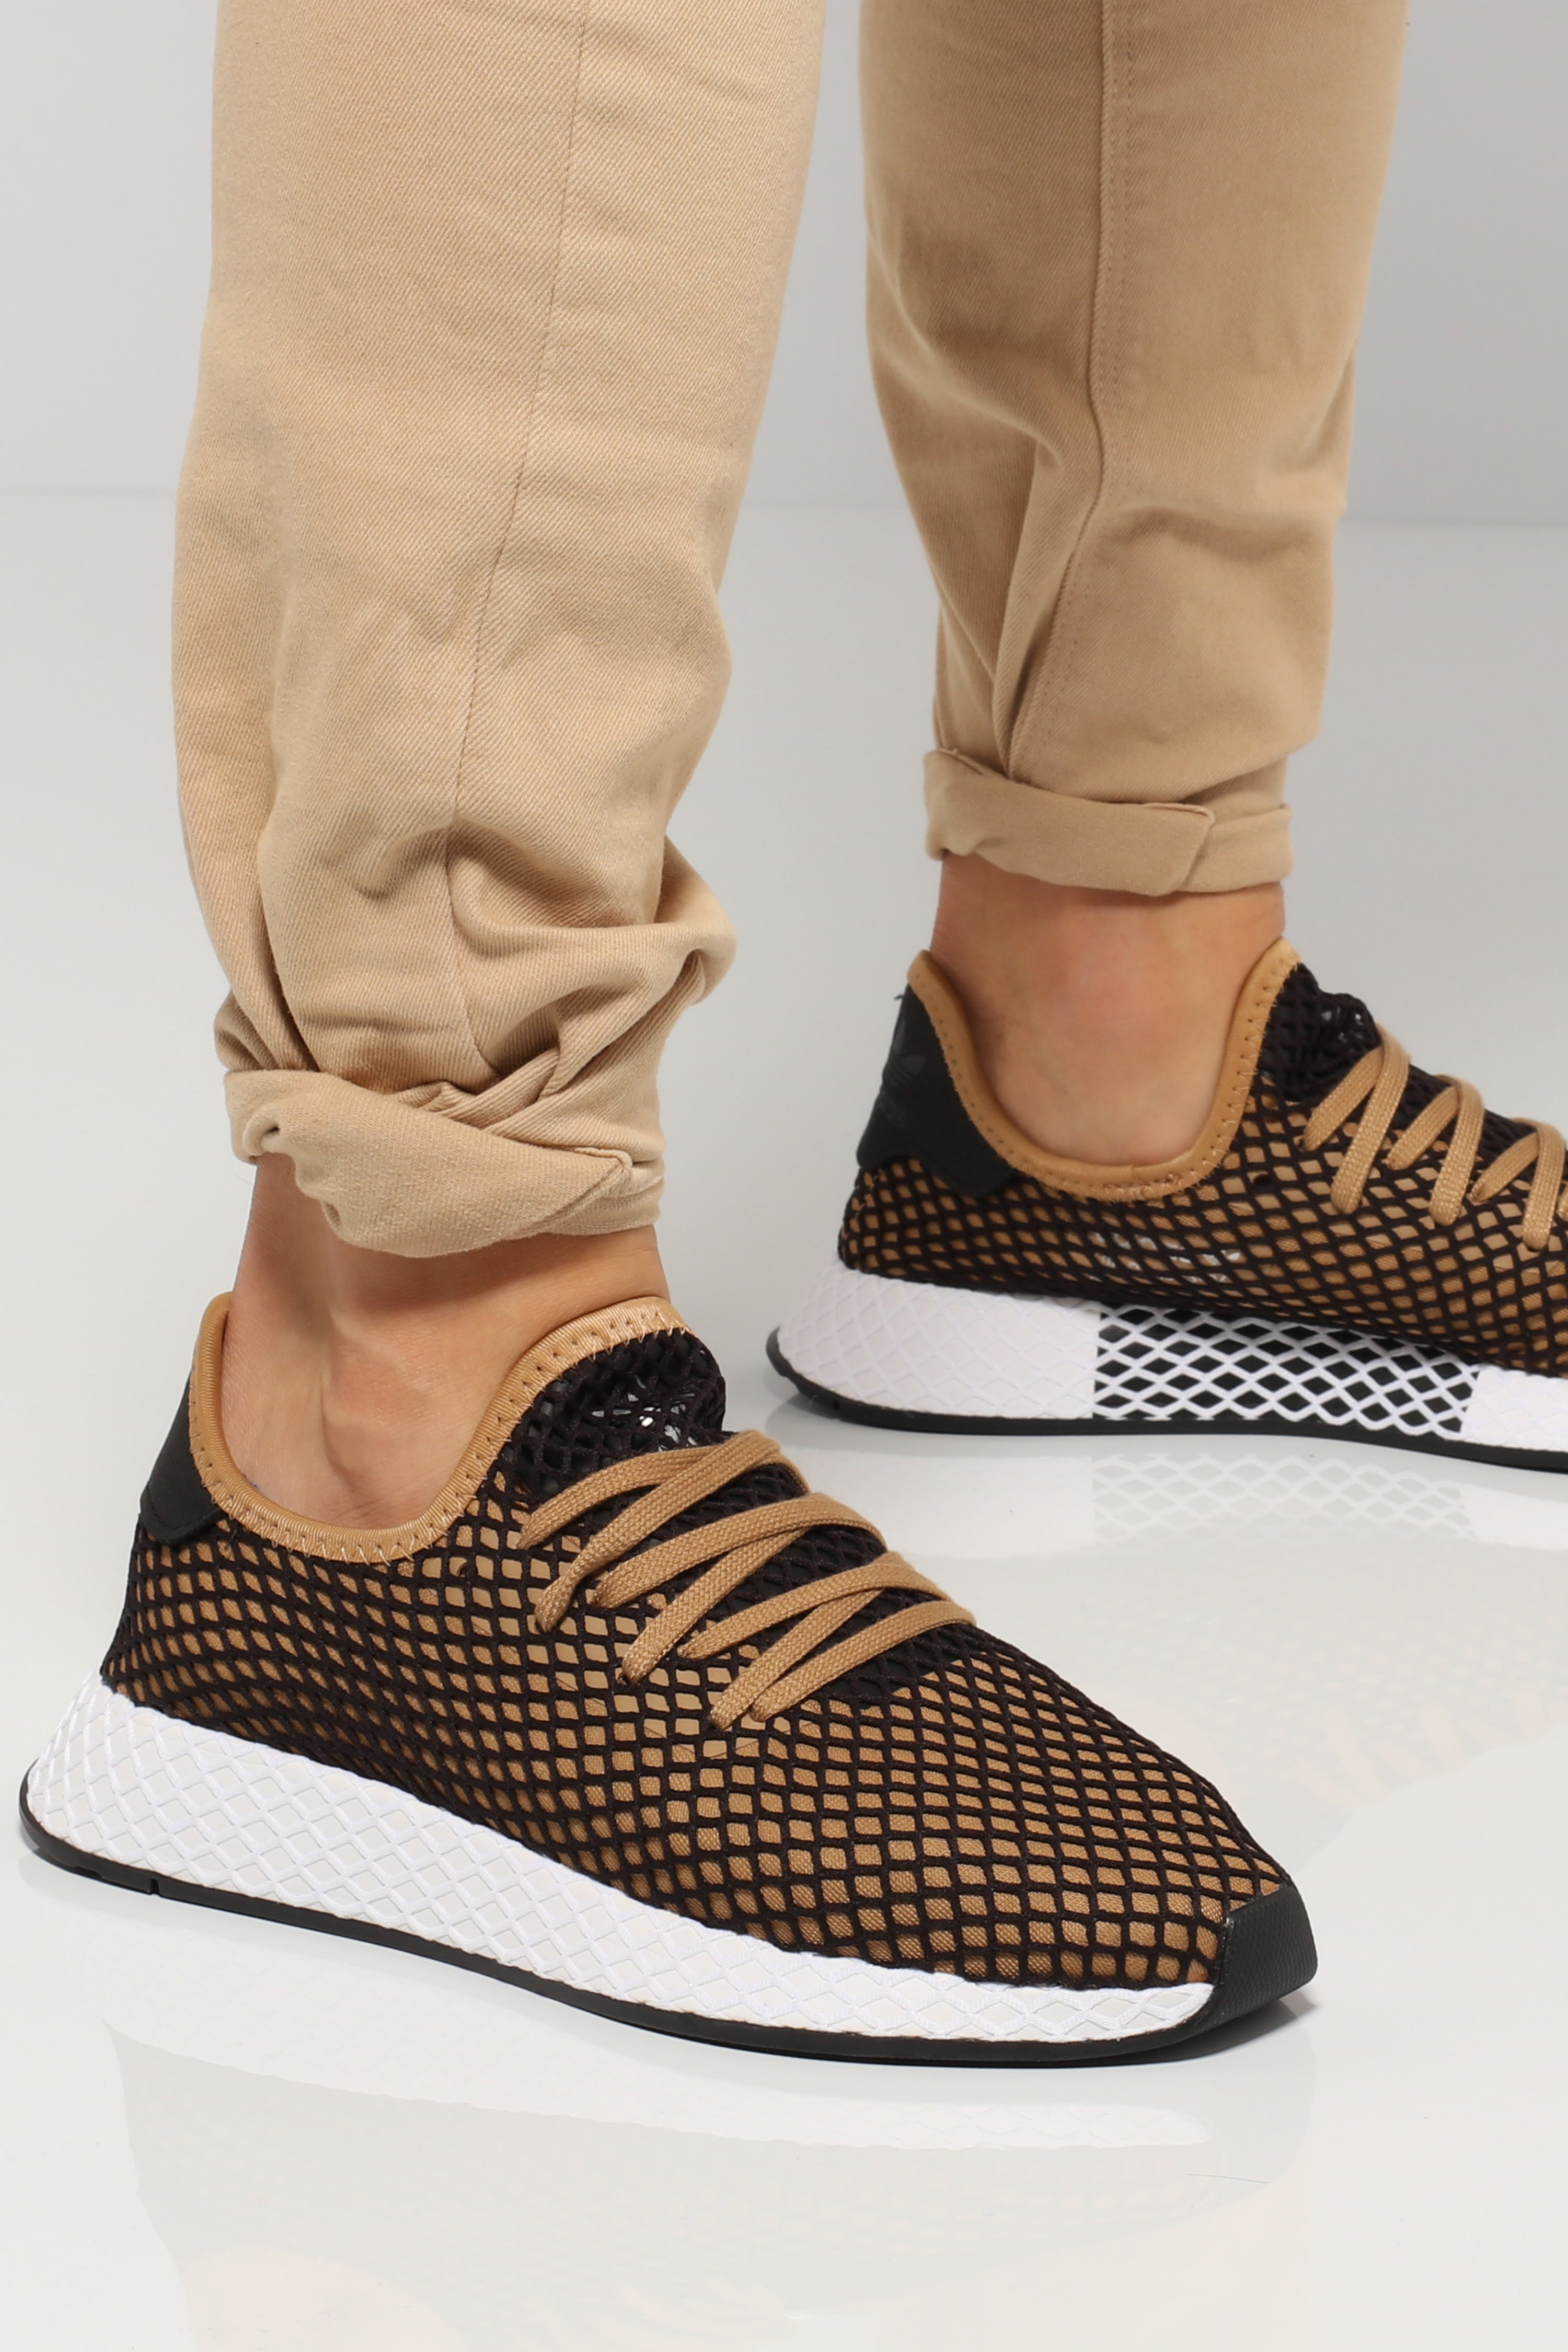 Adidas Deerupt Runner Black/Tan/White